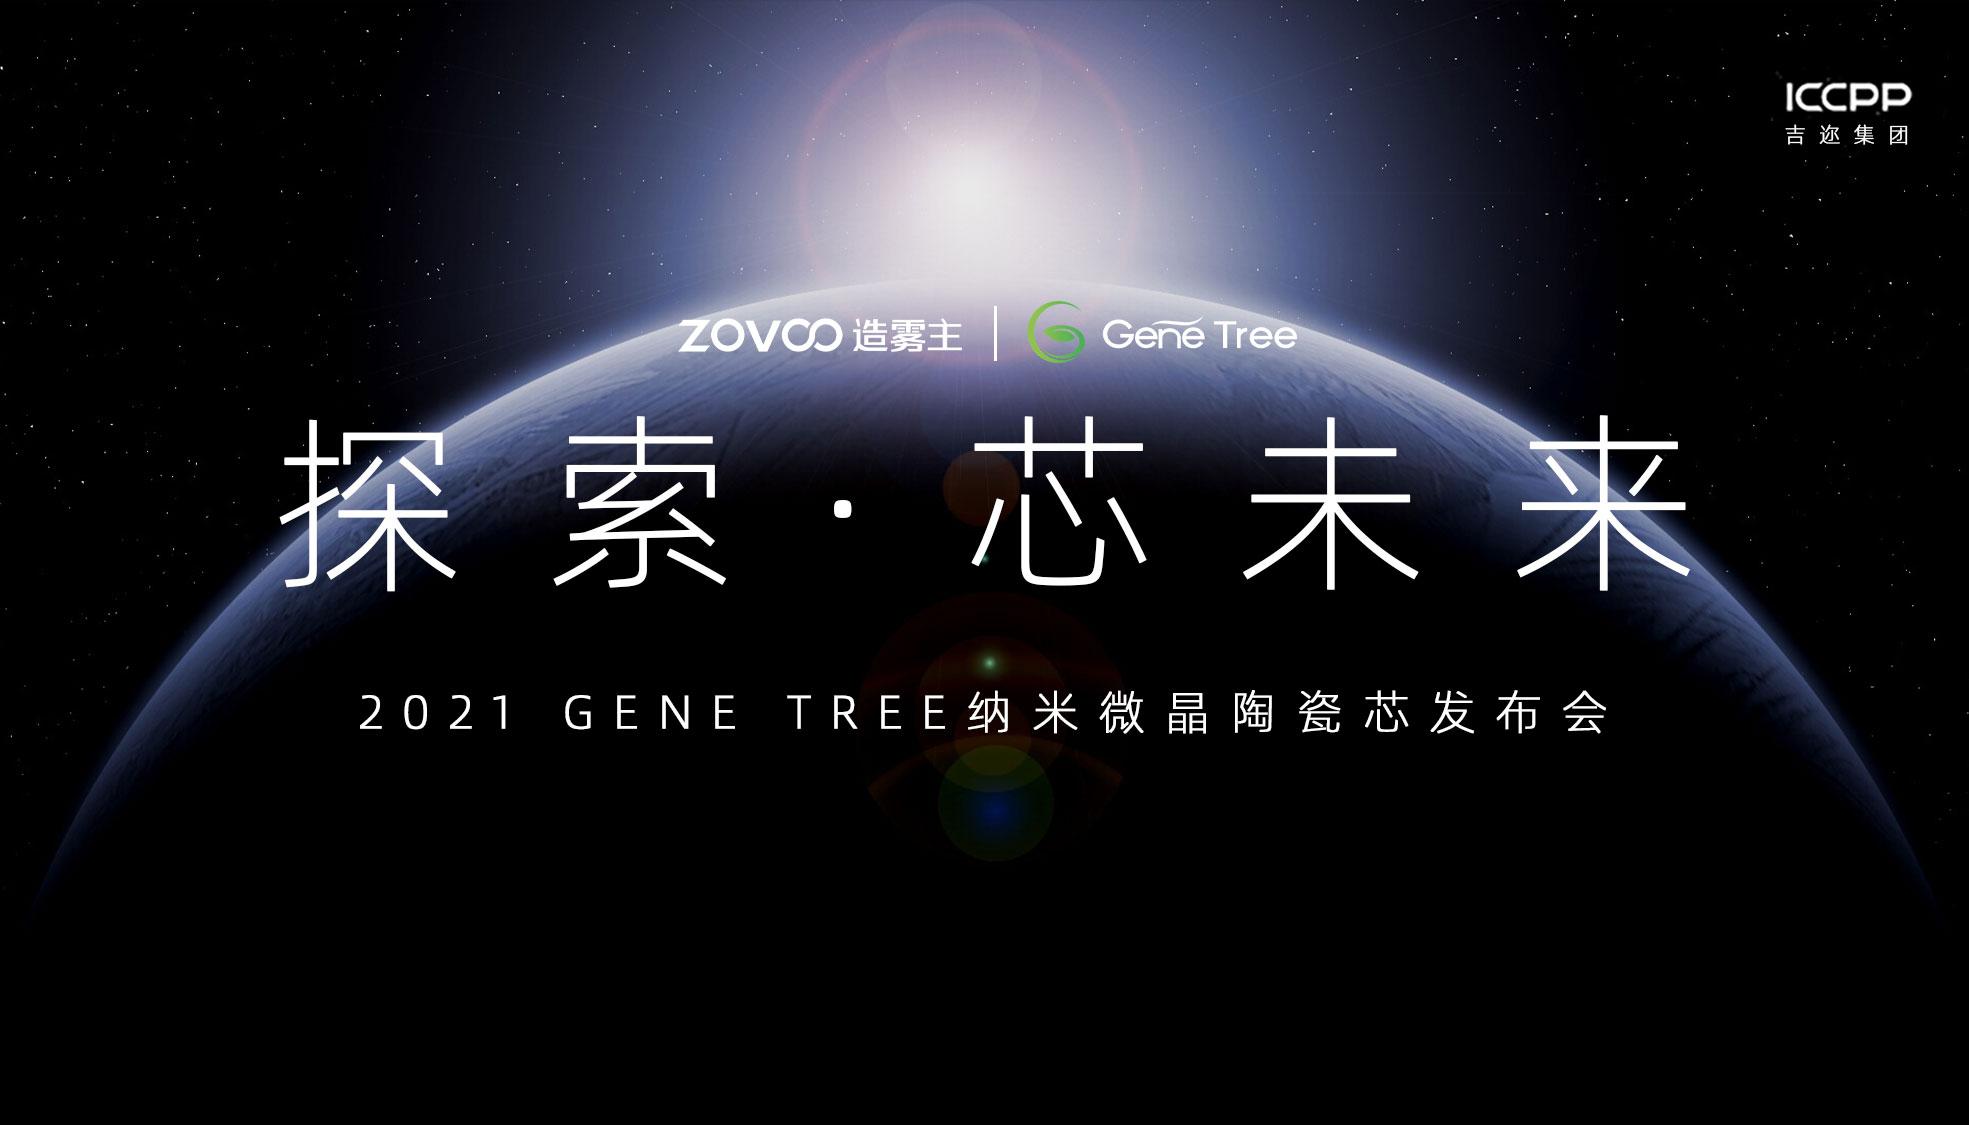 探索 · 芯未来, 造雾主2021 GENE TREE纳米微晶陶瓷芯发布会